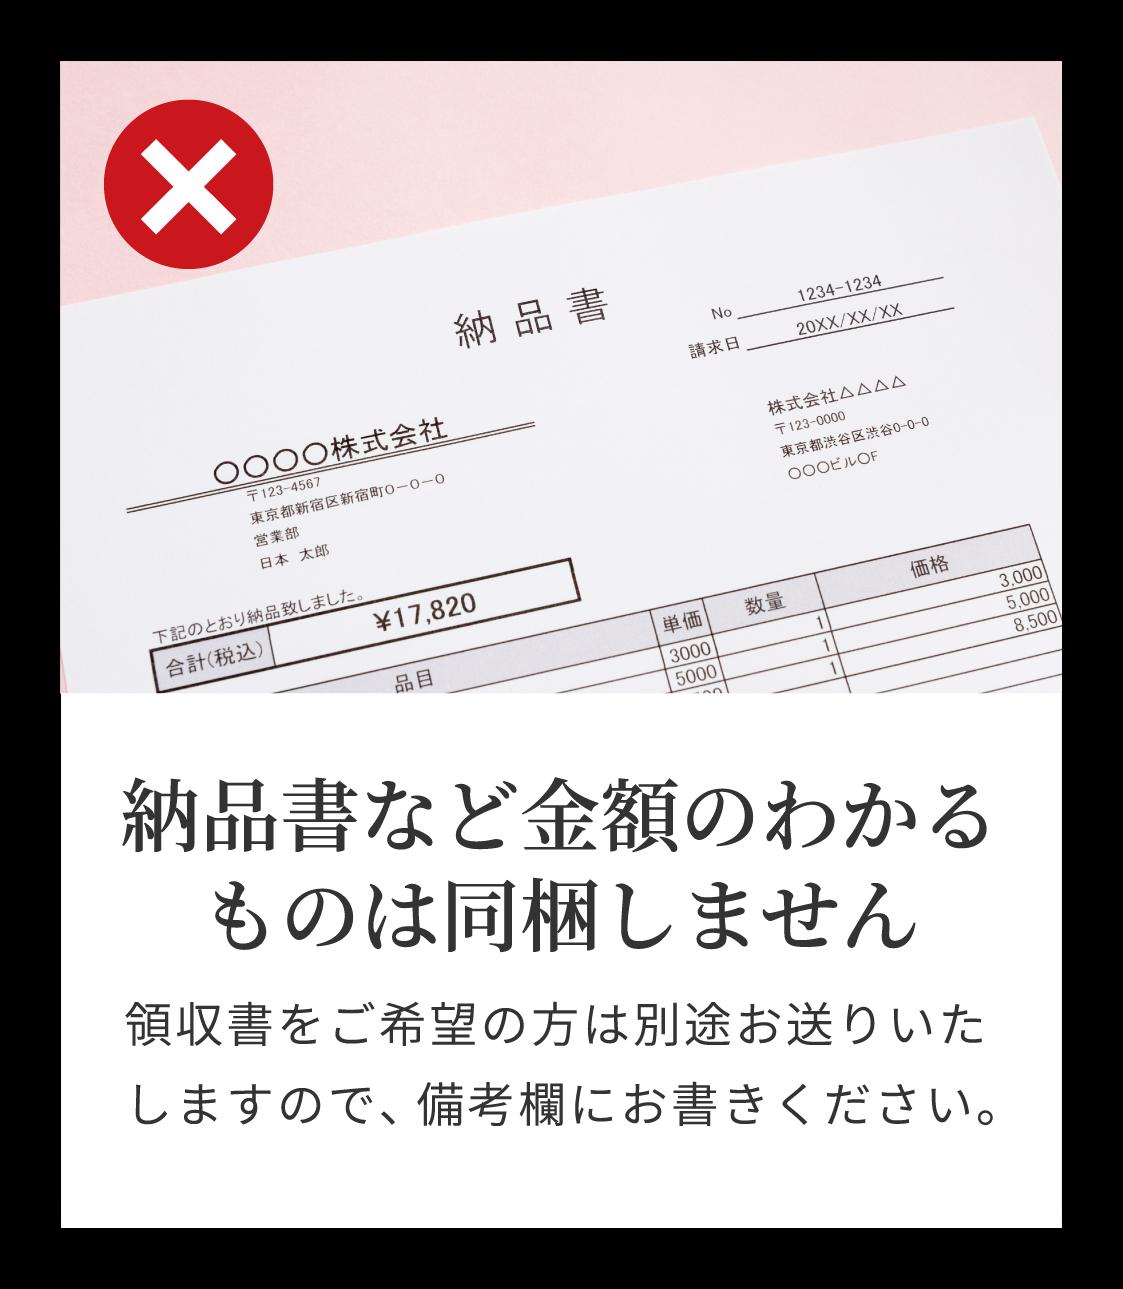 納品書など金額のわかるものは同梱しません 領収書をご希望の方は別途お送りいたしますので、備考欄にお書きください。